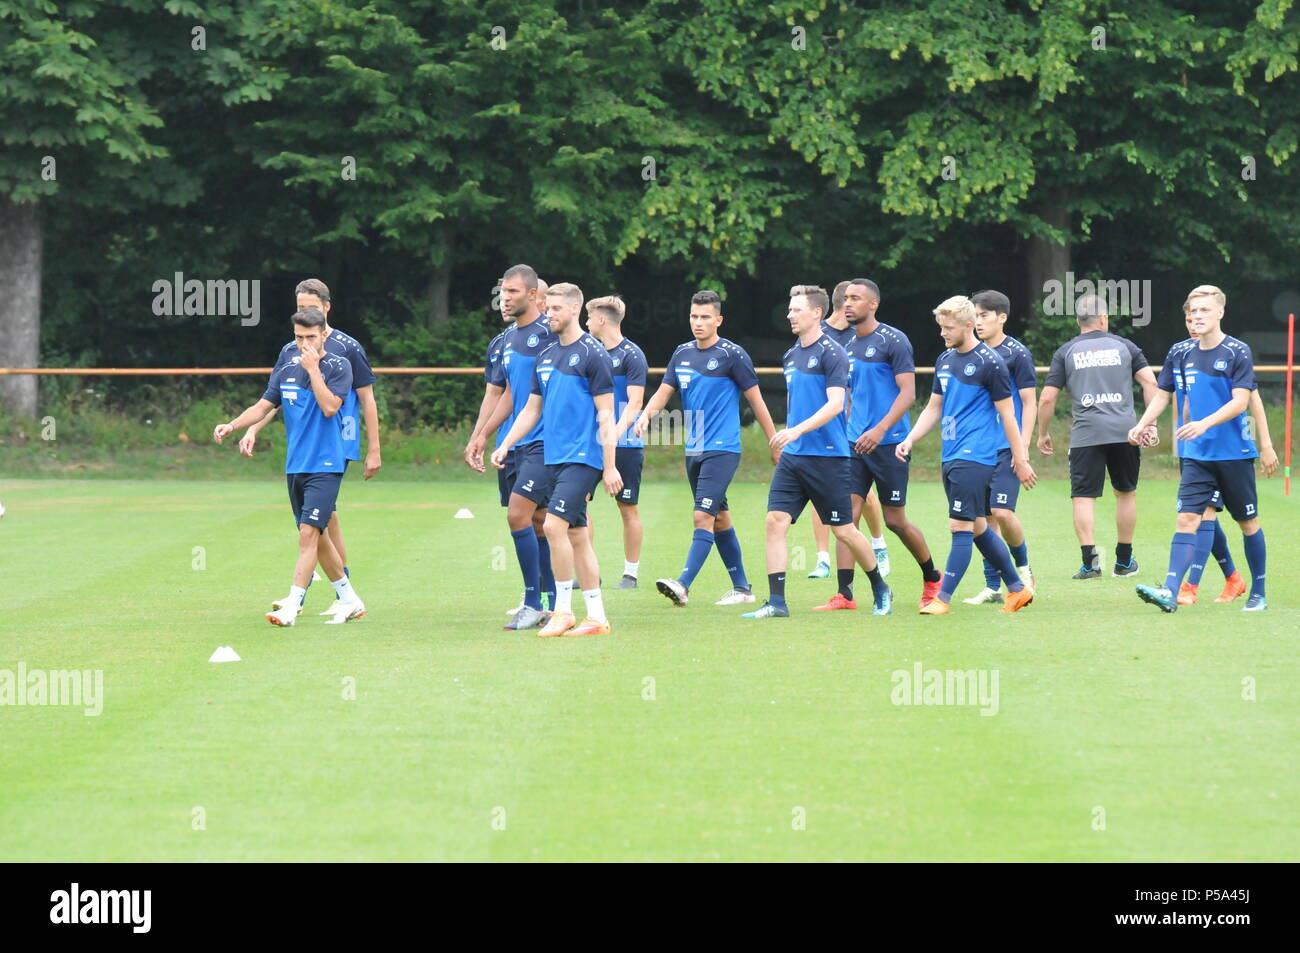 Karlsruhe Juni 2018, KSC-Training im Wiildpark, Die Fußballer des Karlsruher SC laufen aus. Die Vorbereitung auf die Dritte Liga ist gestartet. Footballer of Karlsruher SC are started in de Pre-Season - Stock Image